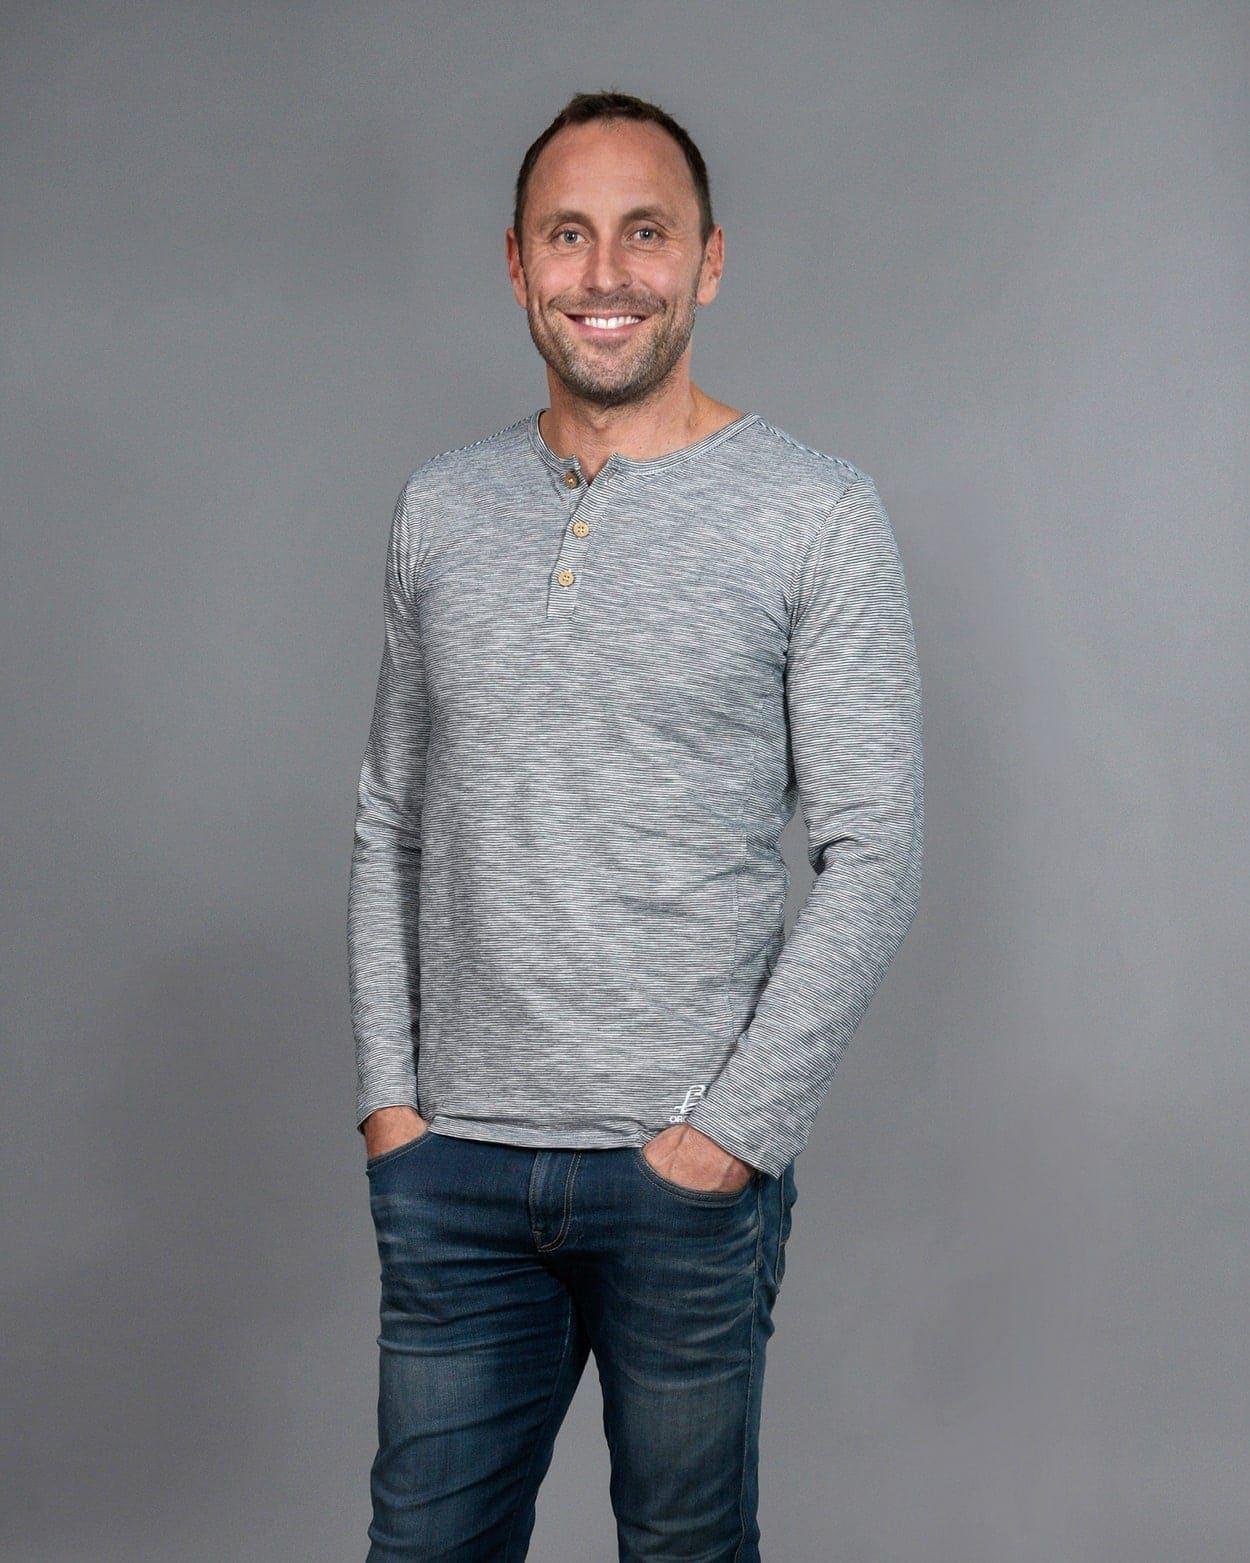 b-light-organic-long-sleeve-striped-t-shirt-mattias-sunneborn-1